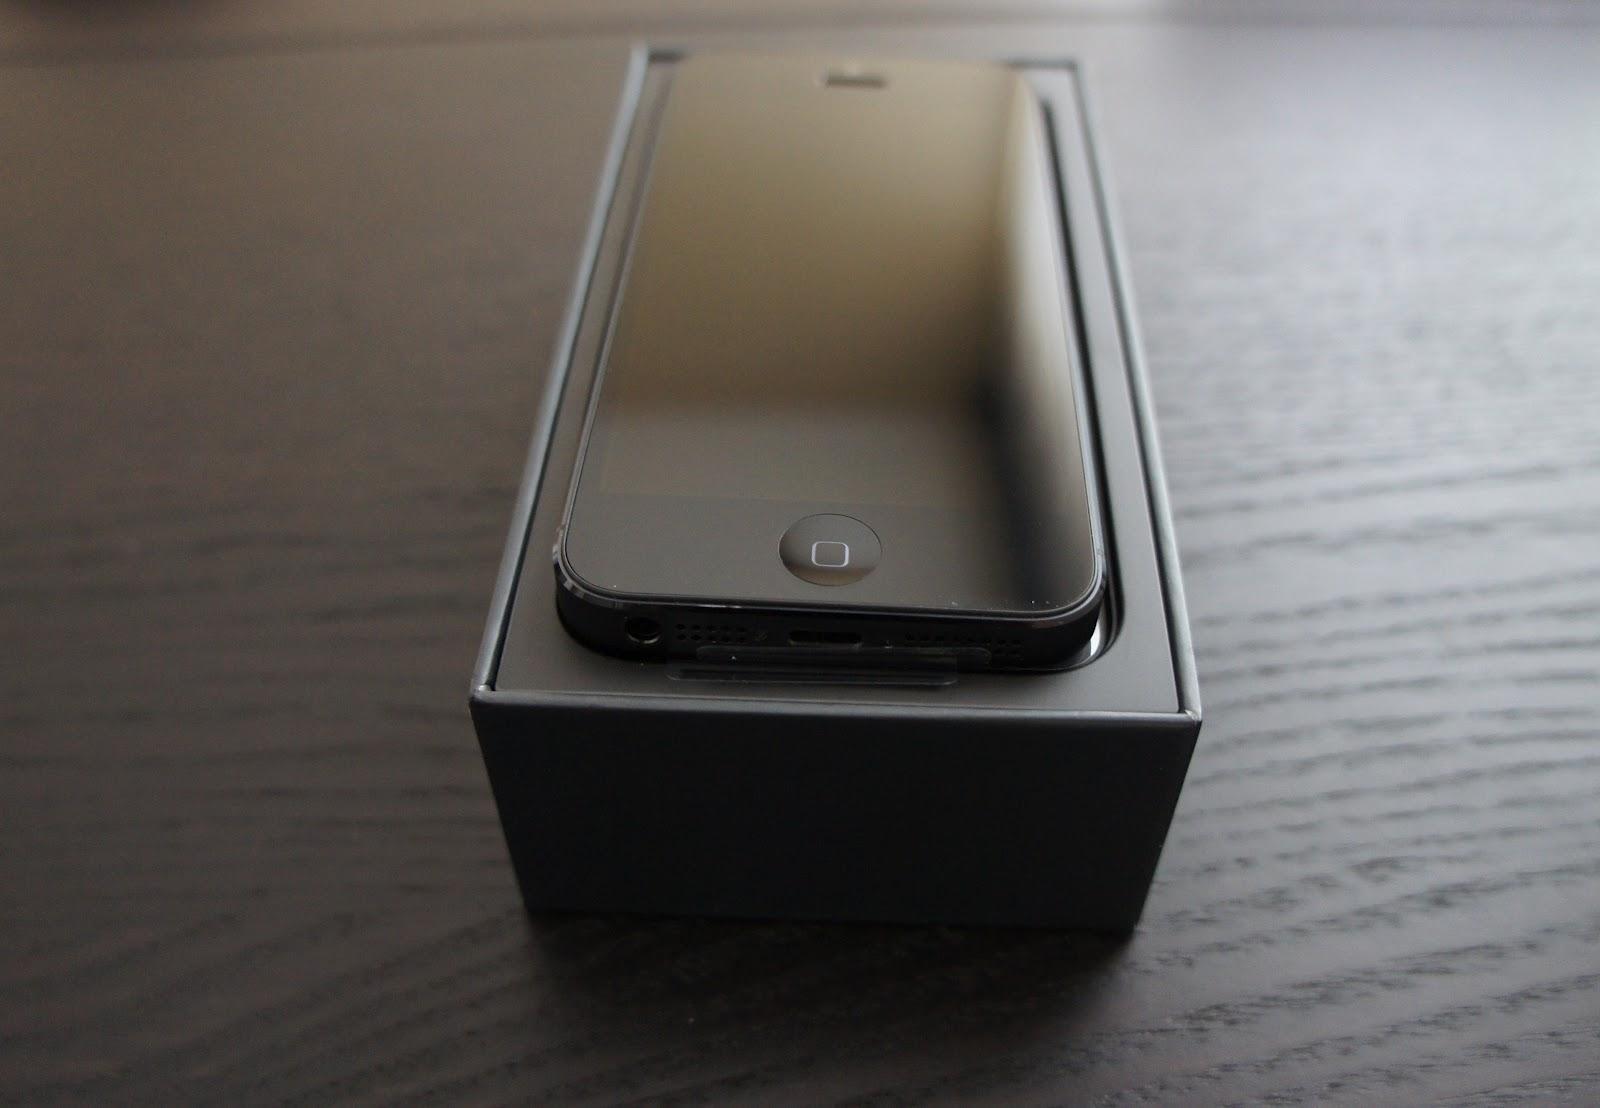 dadenjo der technikblog scuffgate neue iphone 5 mit kratzer und macken. Black Bedroom Furniture Sets. Home Design Ideas